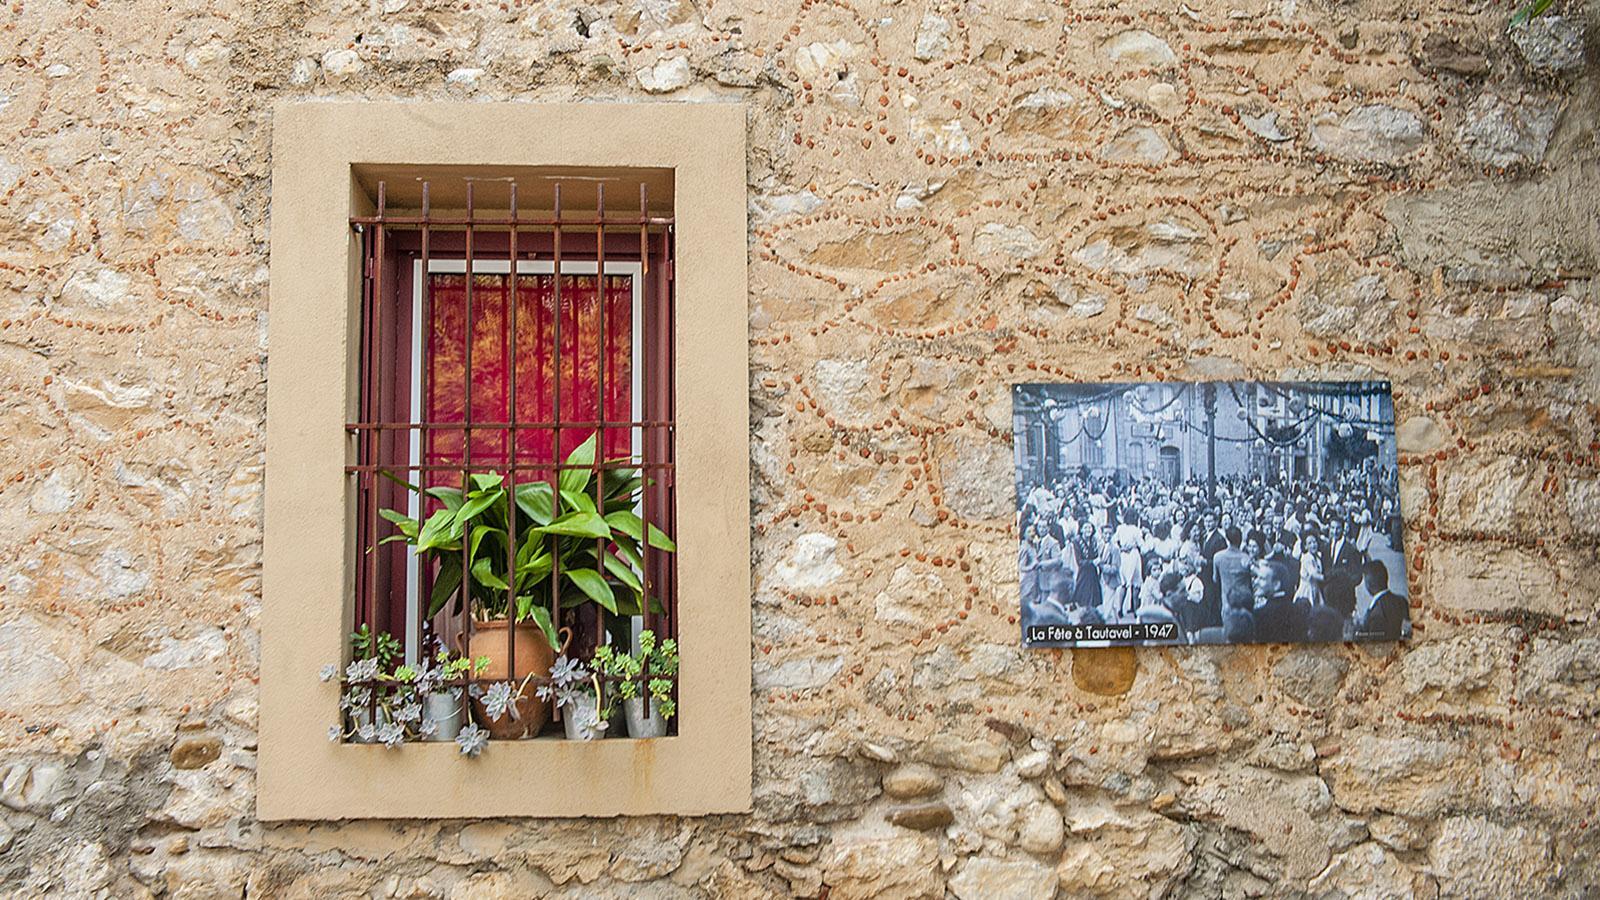 In Tautavel erzählen auch die Fassaden Geschichten. Foto: Hilke Maunder